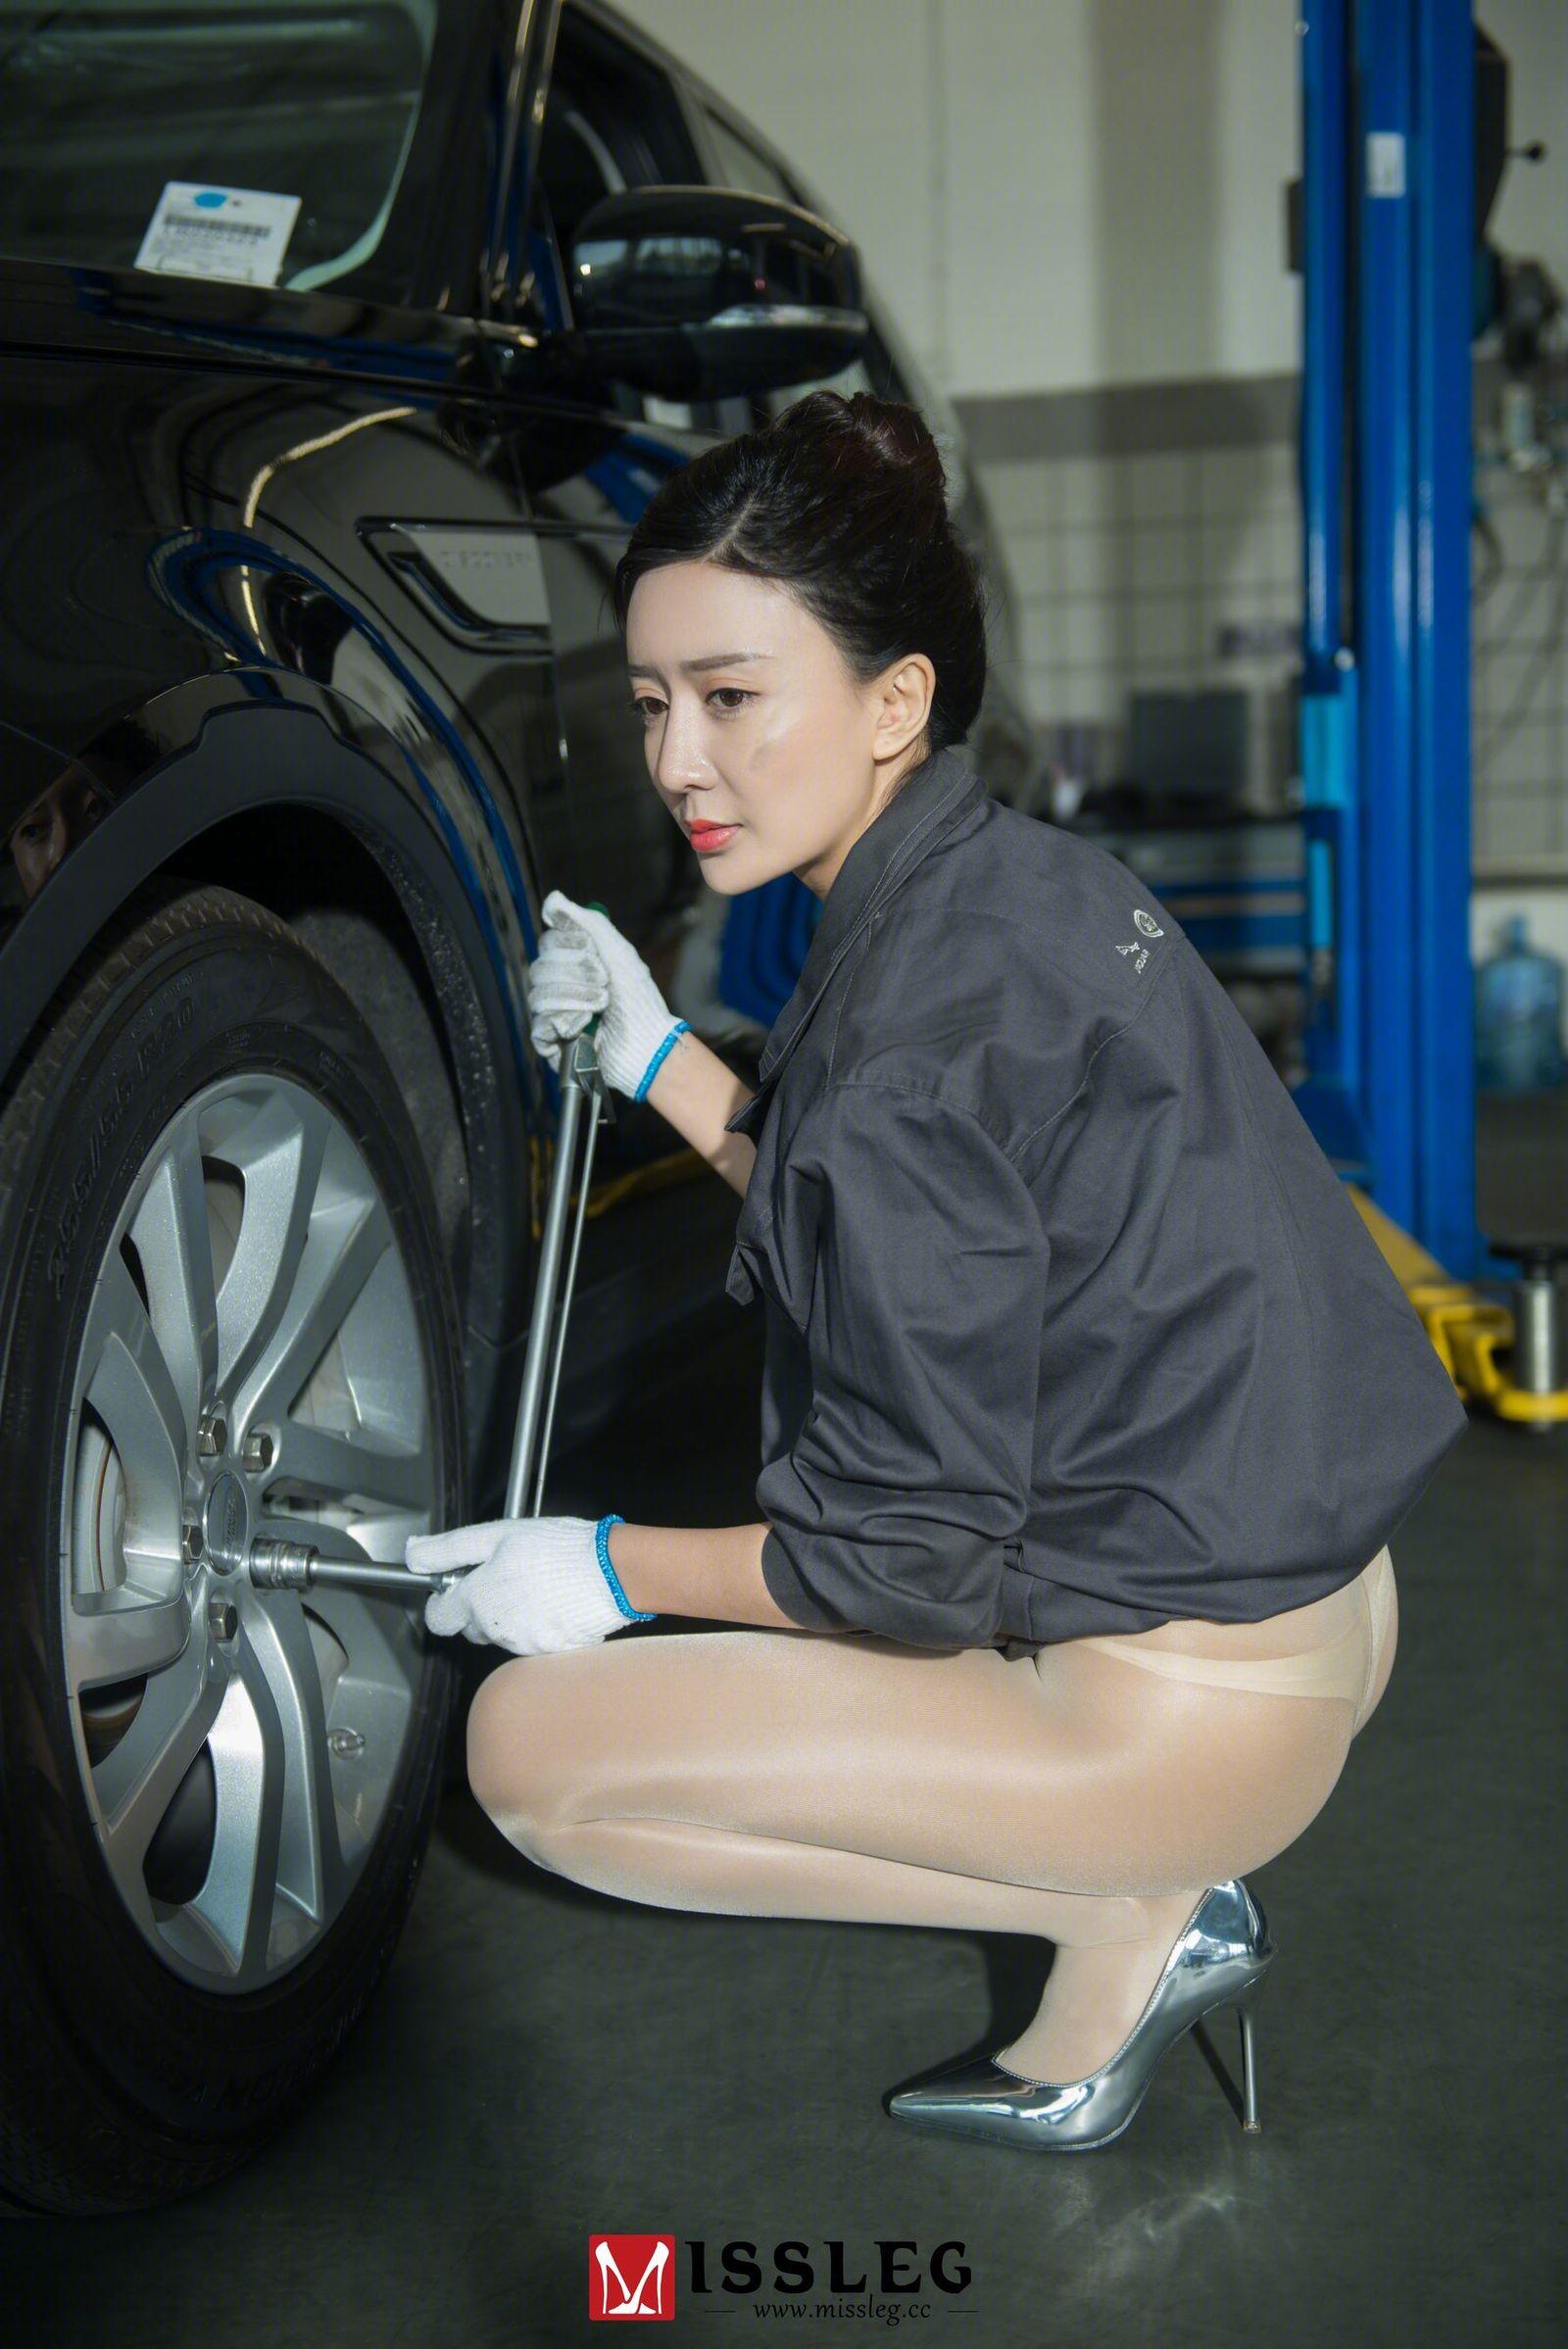 赵乐瑶 - 修车体验 写真套图